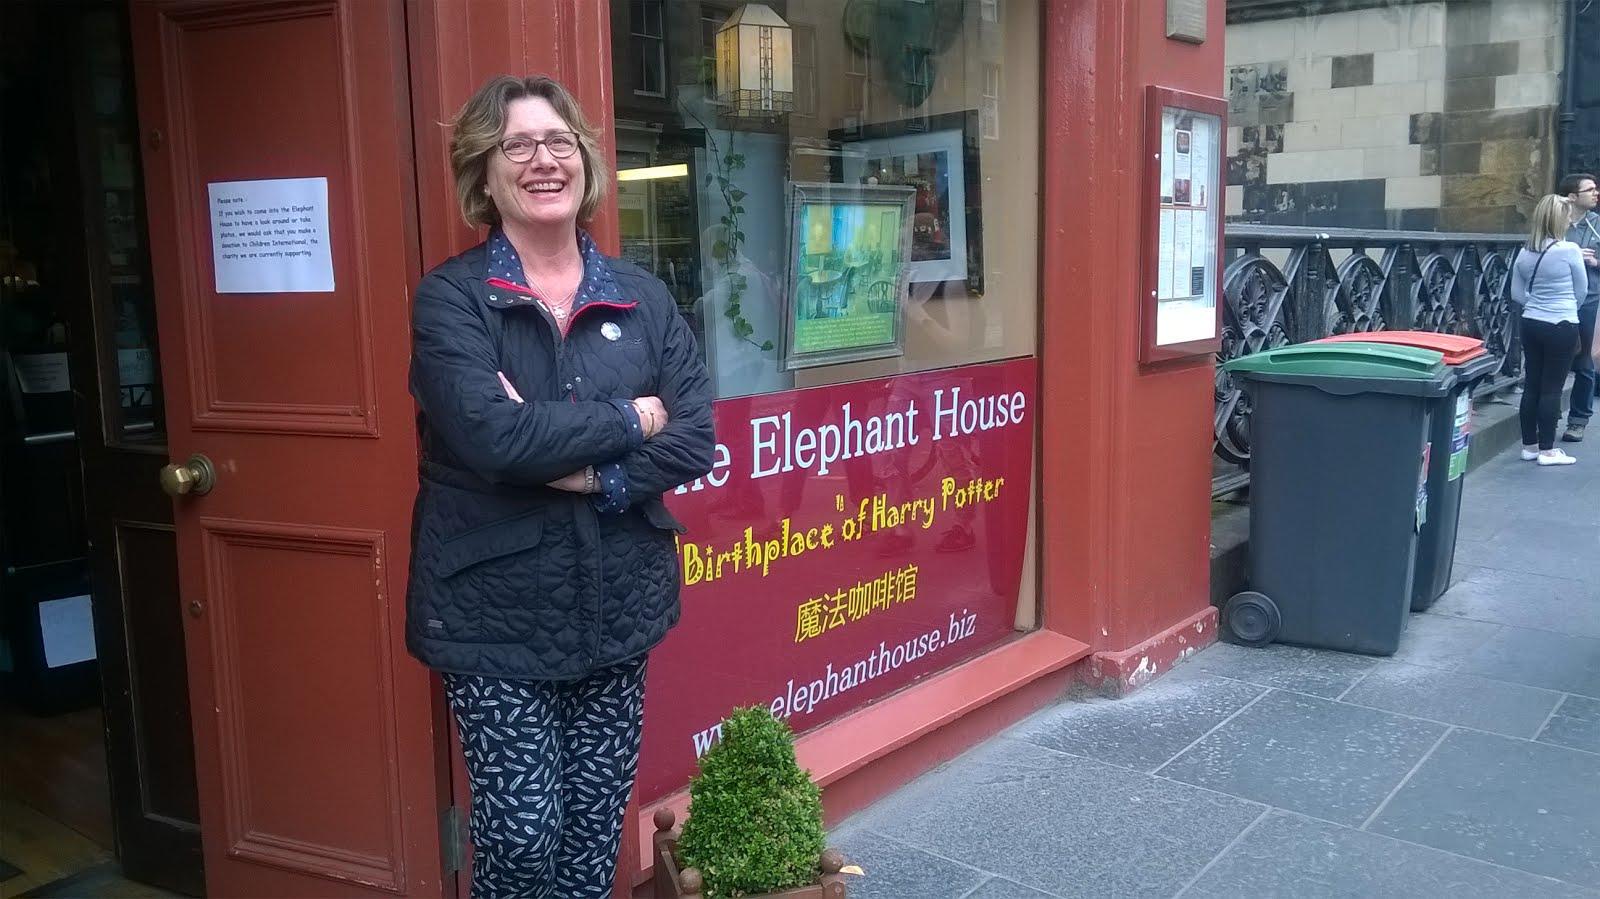 La casa del elefante (Edimburgo-Escocia)